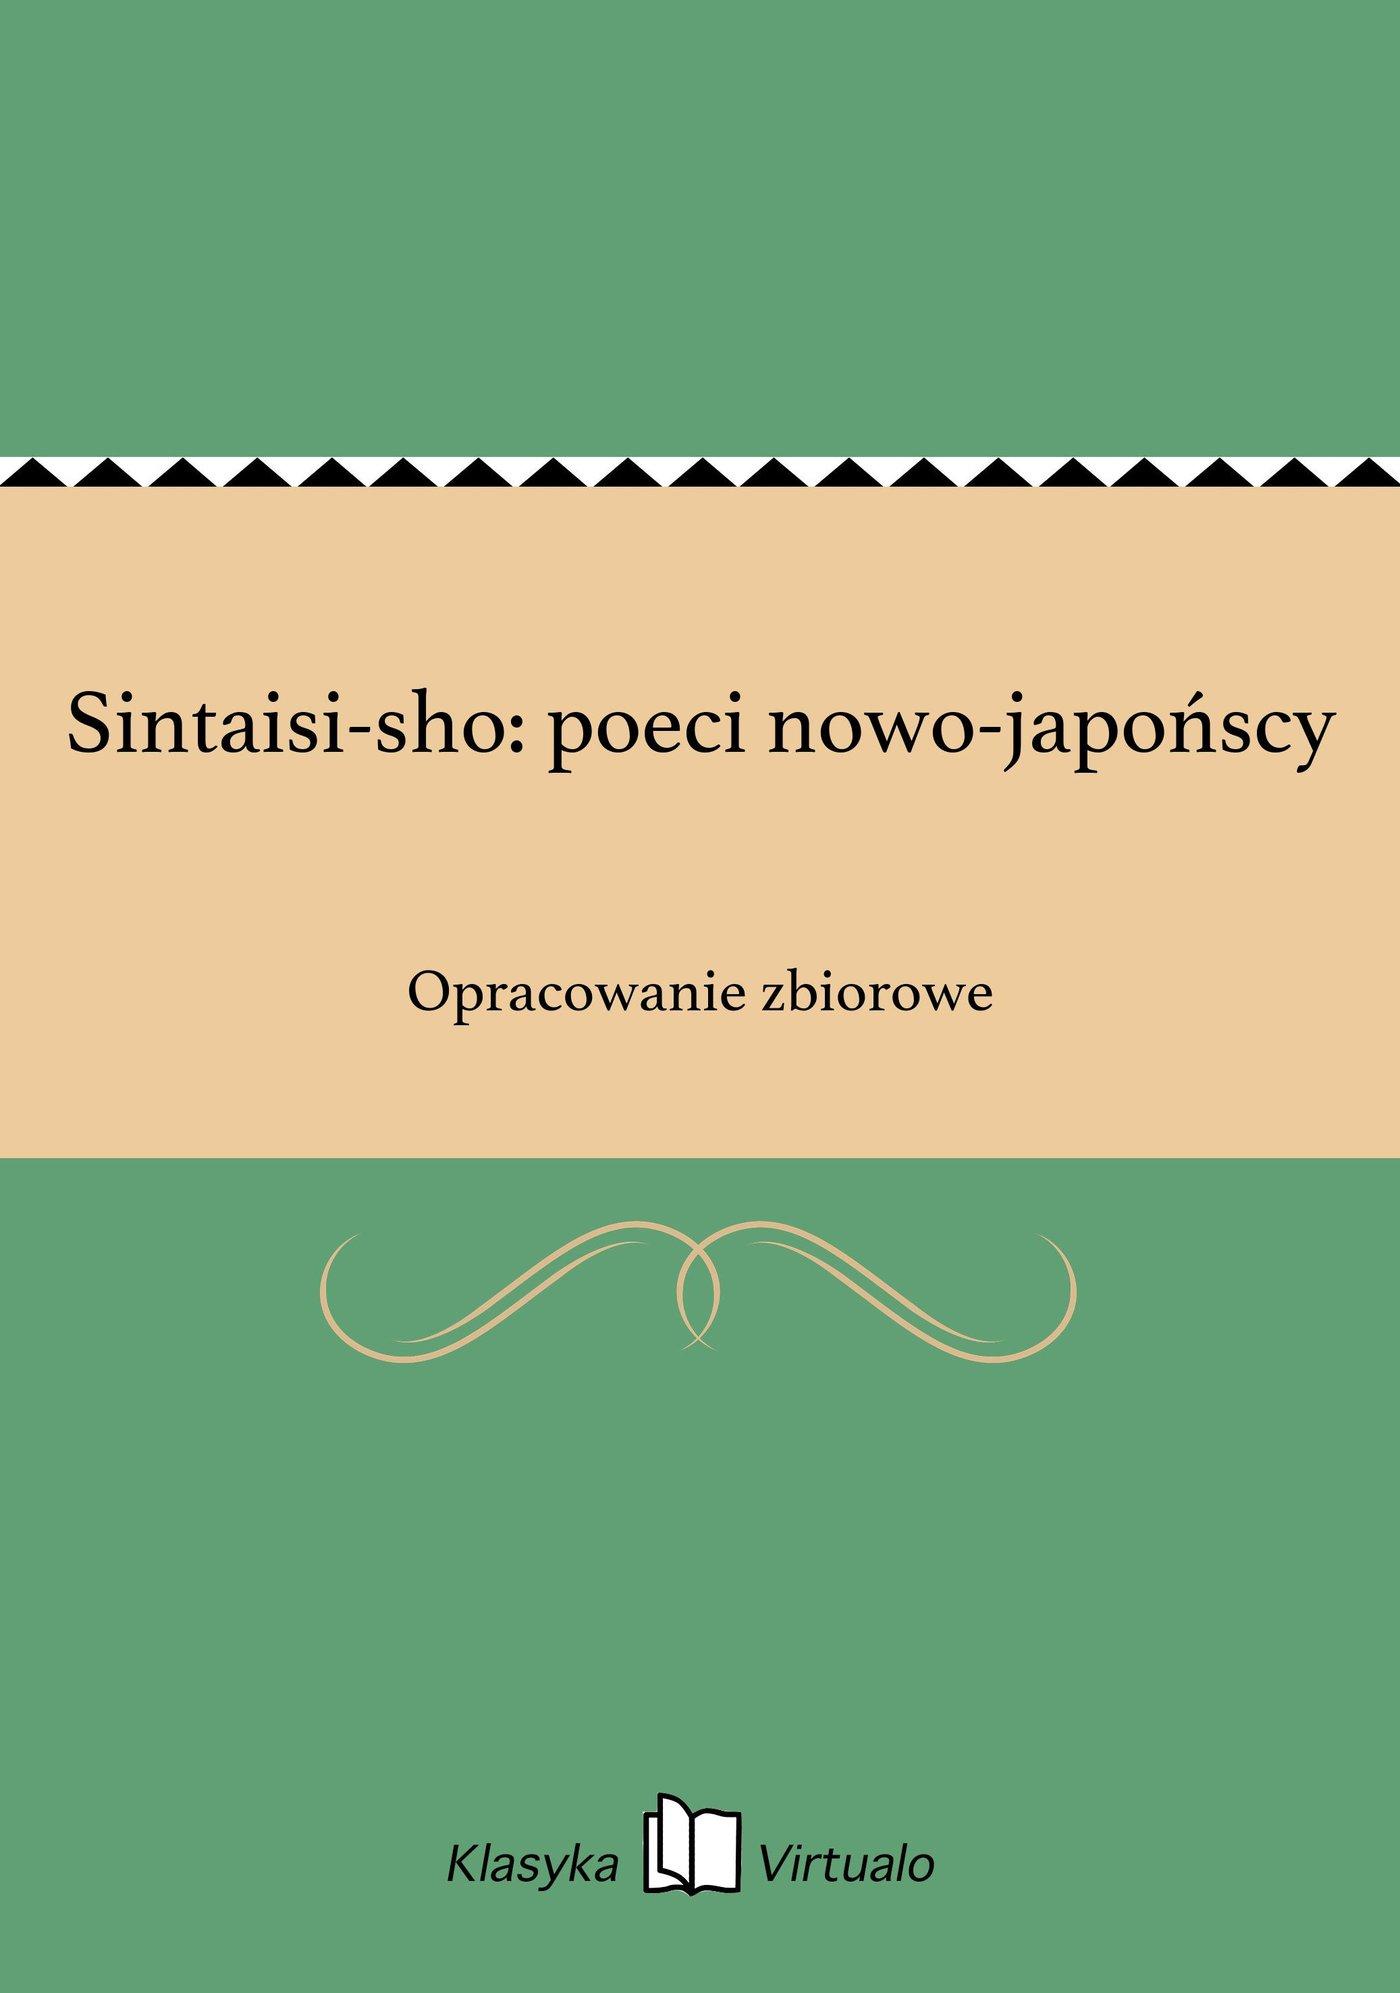 Sintaisi-sho: poeci nowo-japońscy - Ebook (Książka EPUB) do pobrania w formacie EPUB